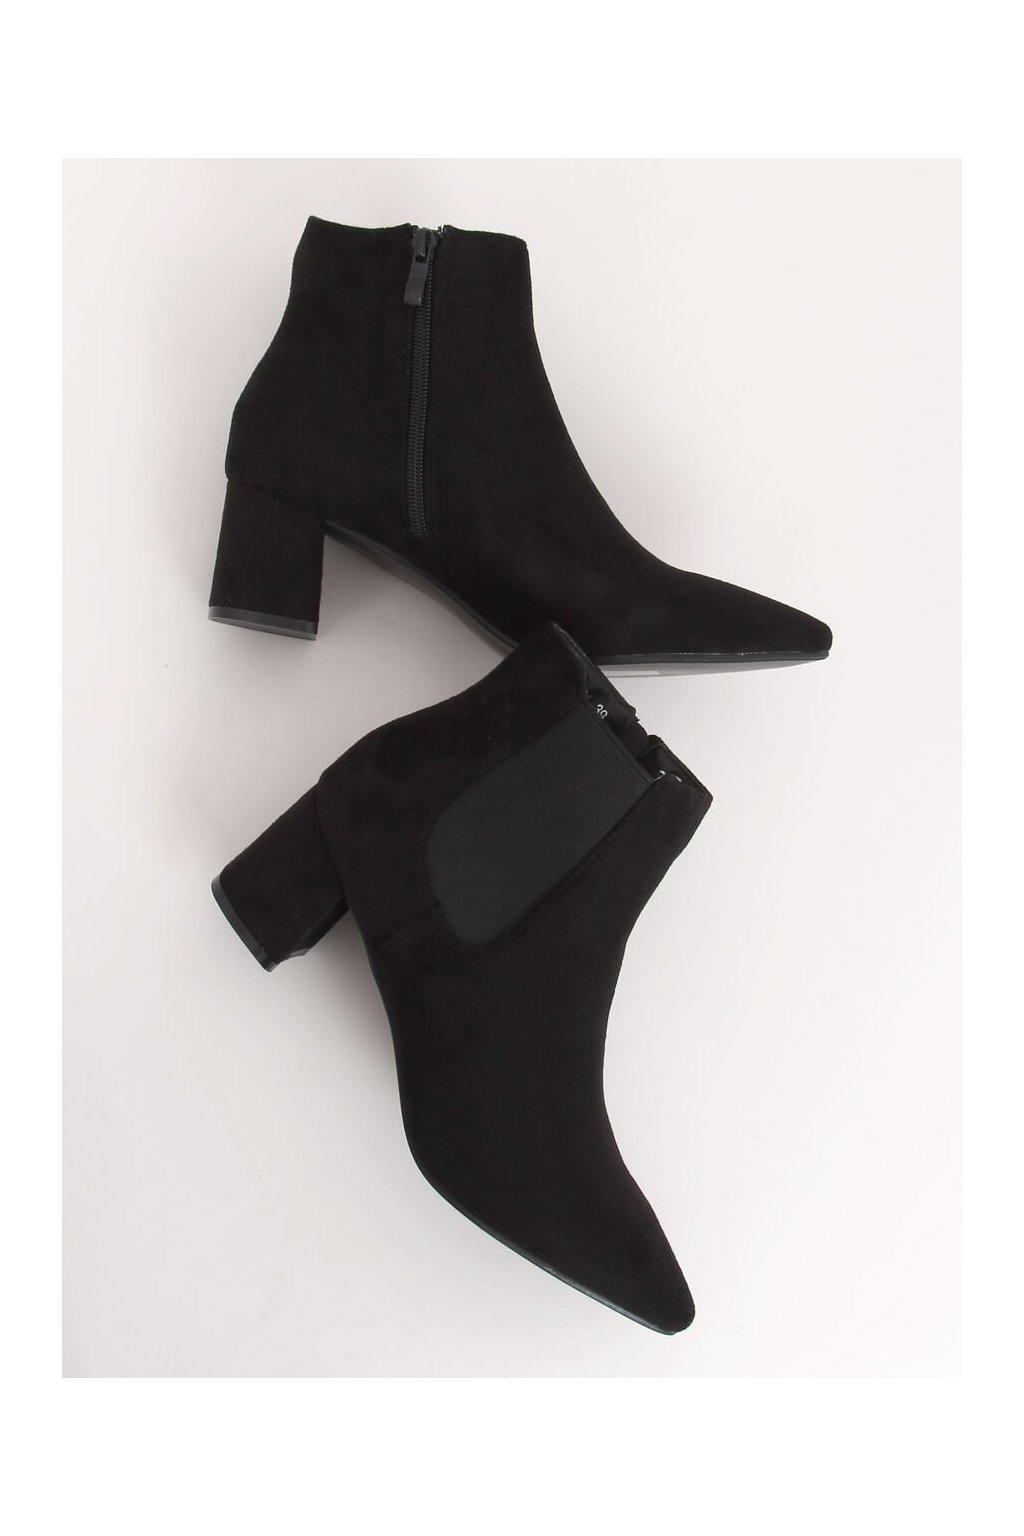 Dámske členkové topánky čierne na širokom podpätku W27012